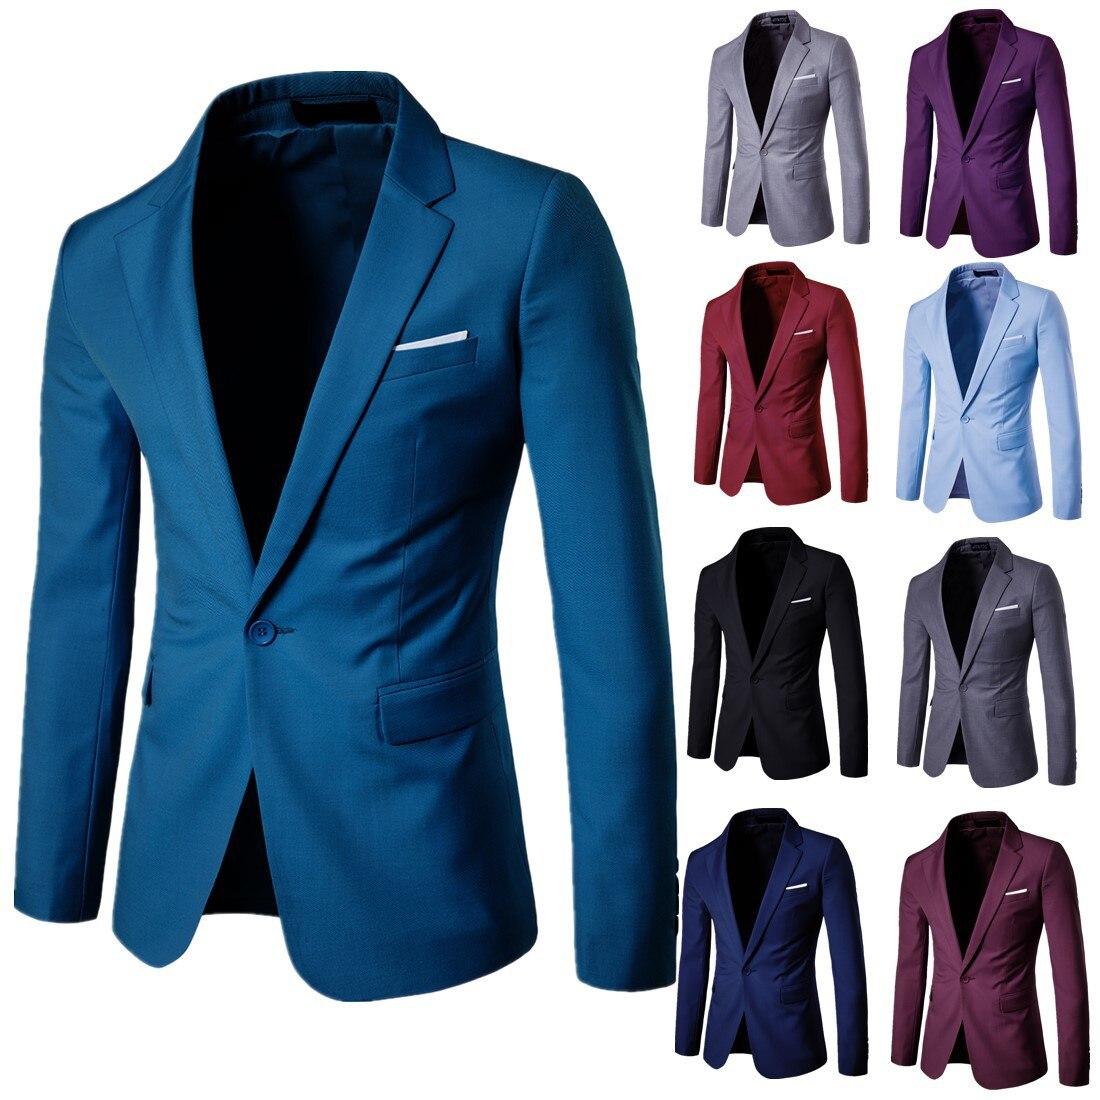 2019 Business Leisure Suit Best Man Wedding One-Button Men Suit Jacket 9-Color S-6xl